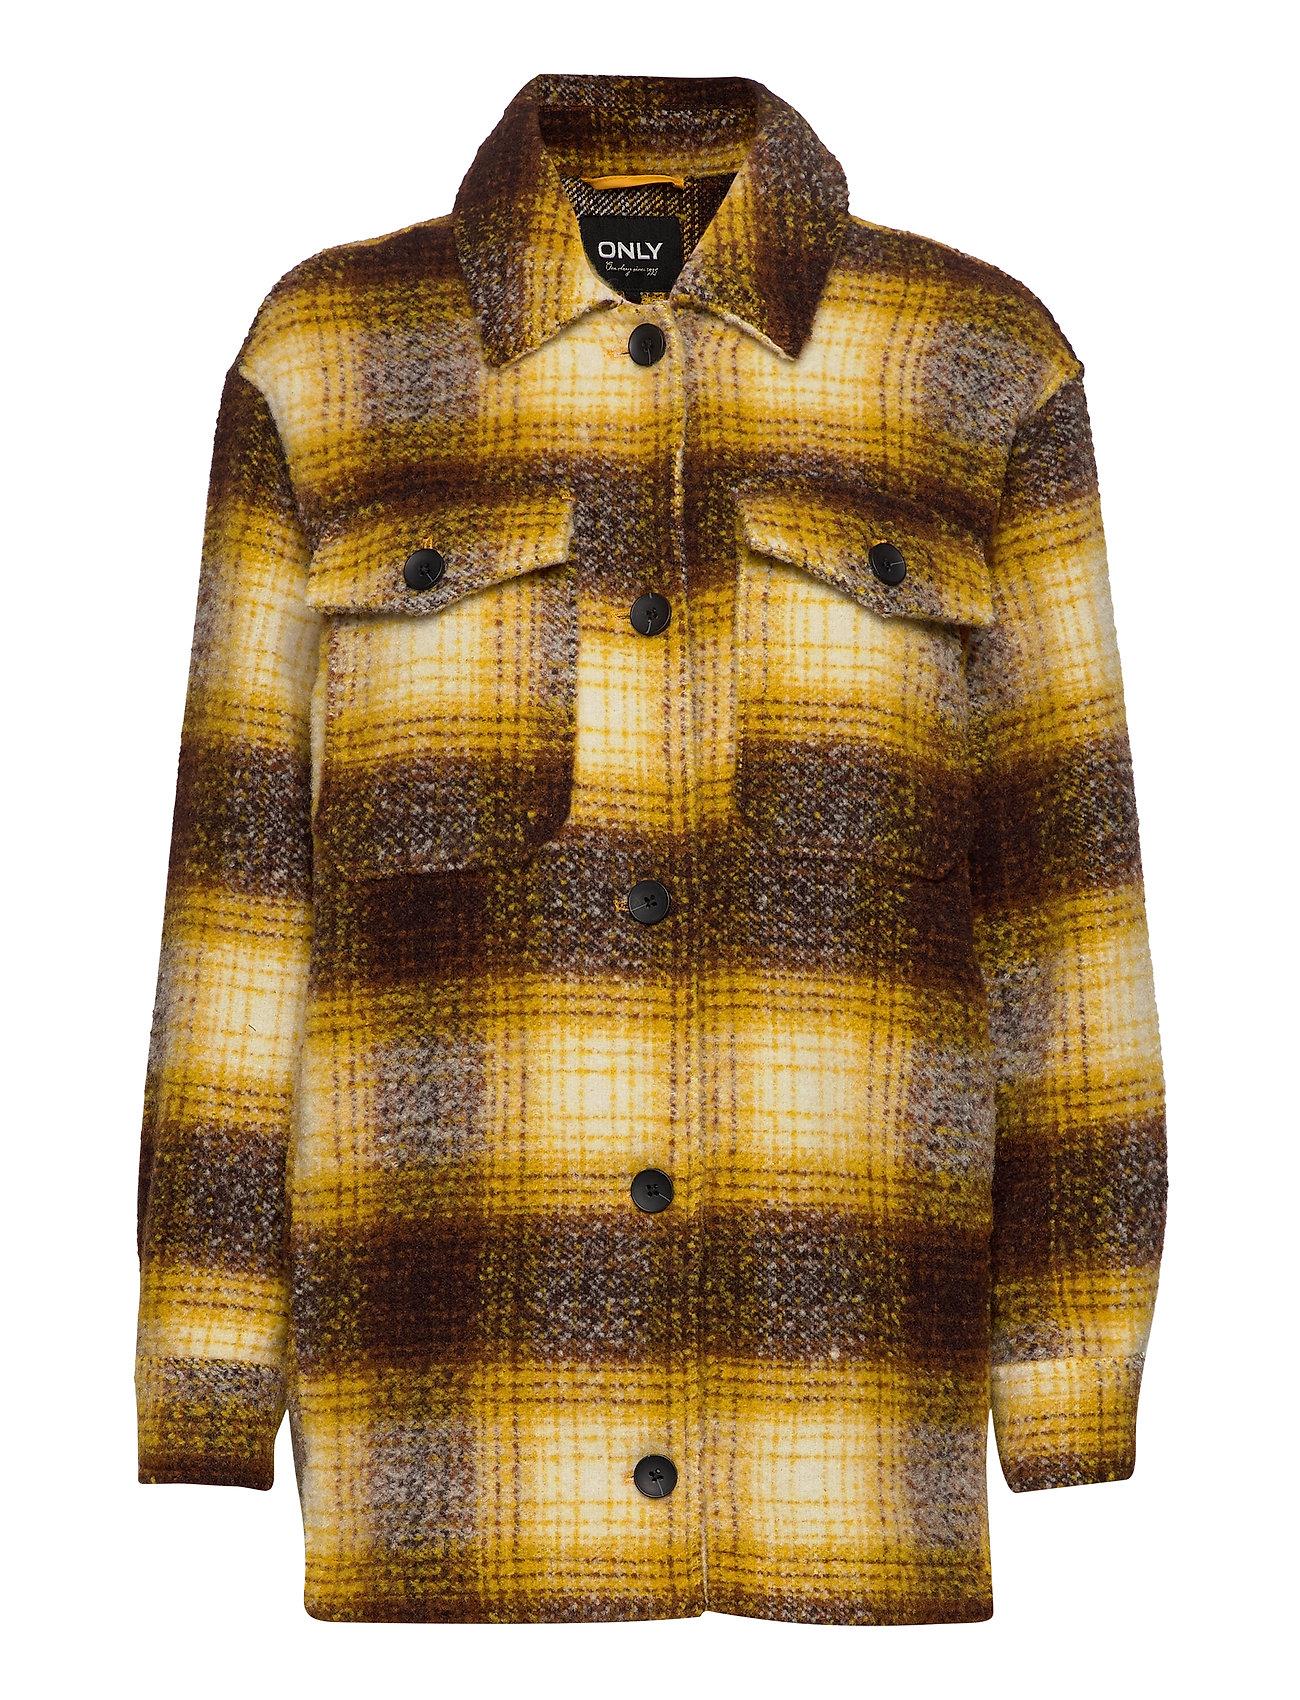 Onlallison Check Wool Shacket Cc Otw Uldjakke Jakke Gul ONLY